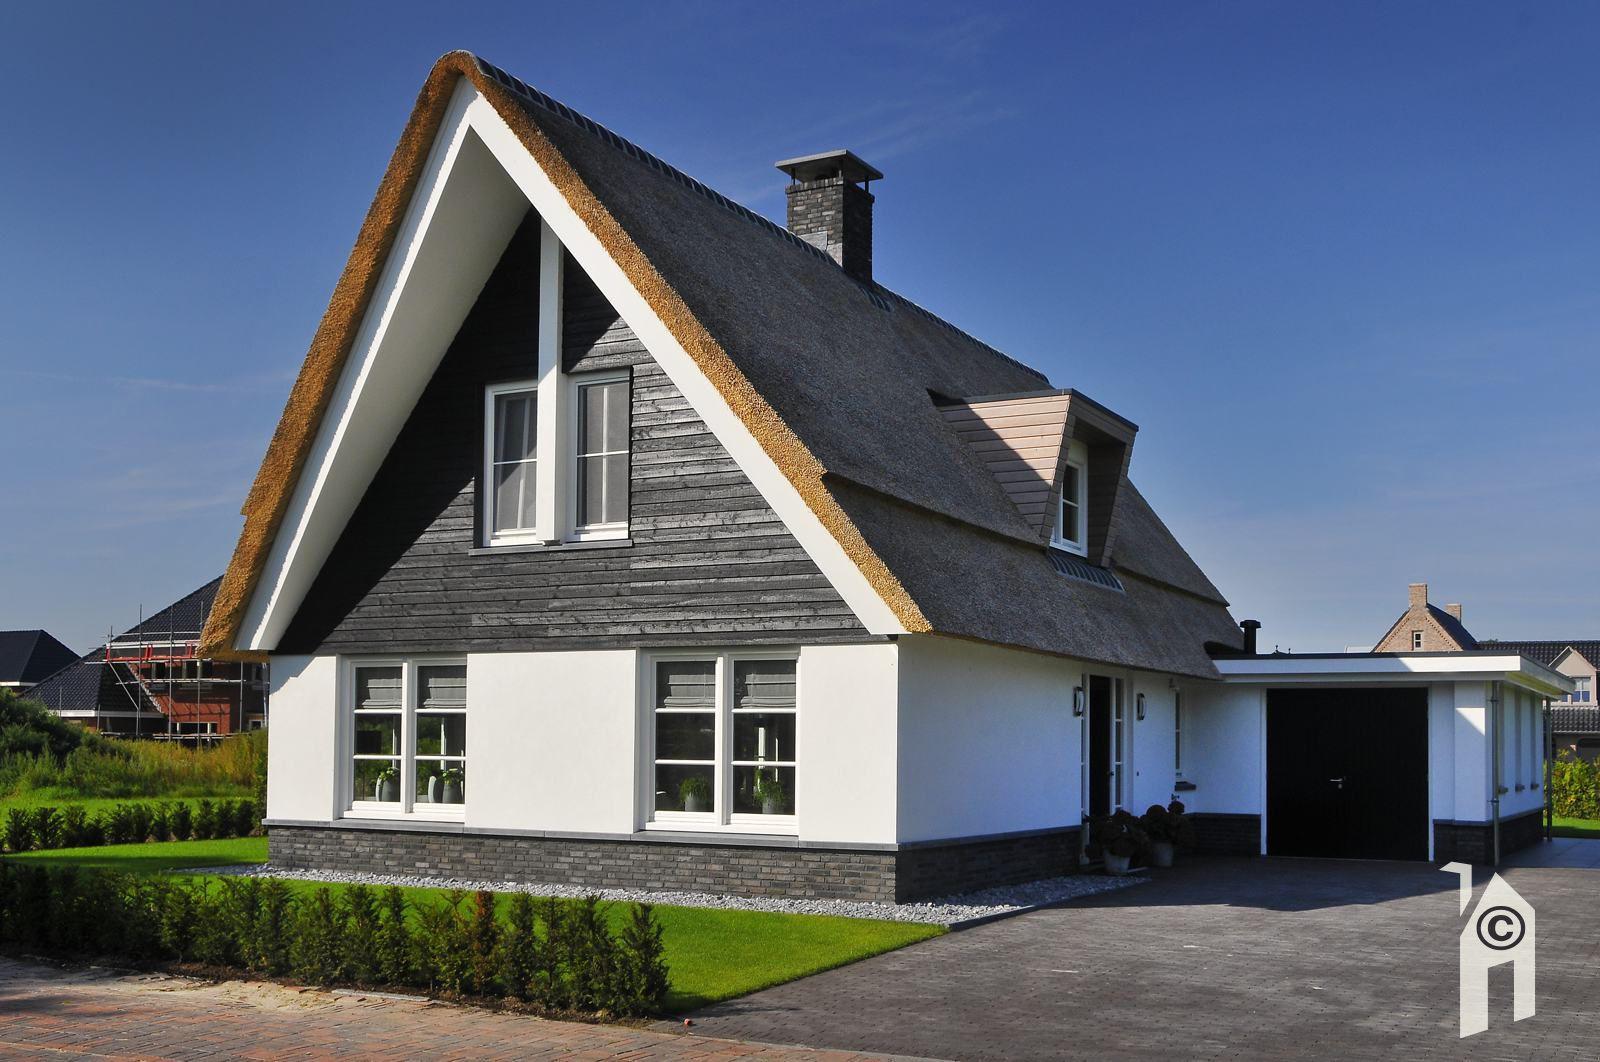 Bekhuis kleinjan het lonkende landhuis for Modern landhuis